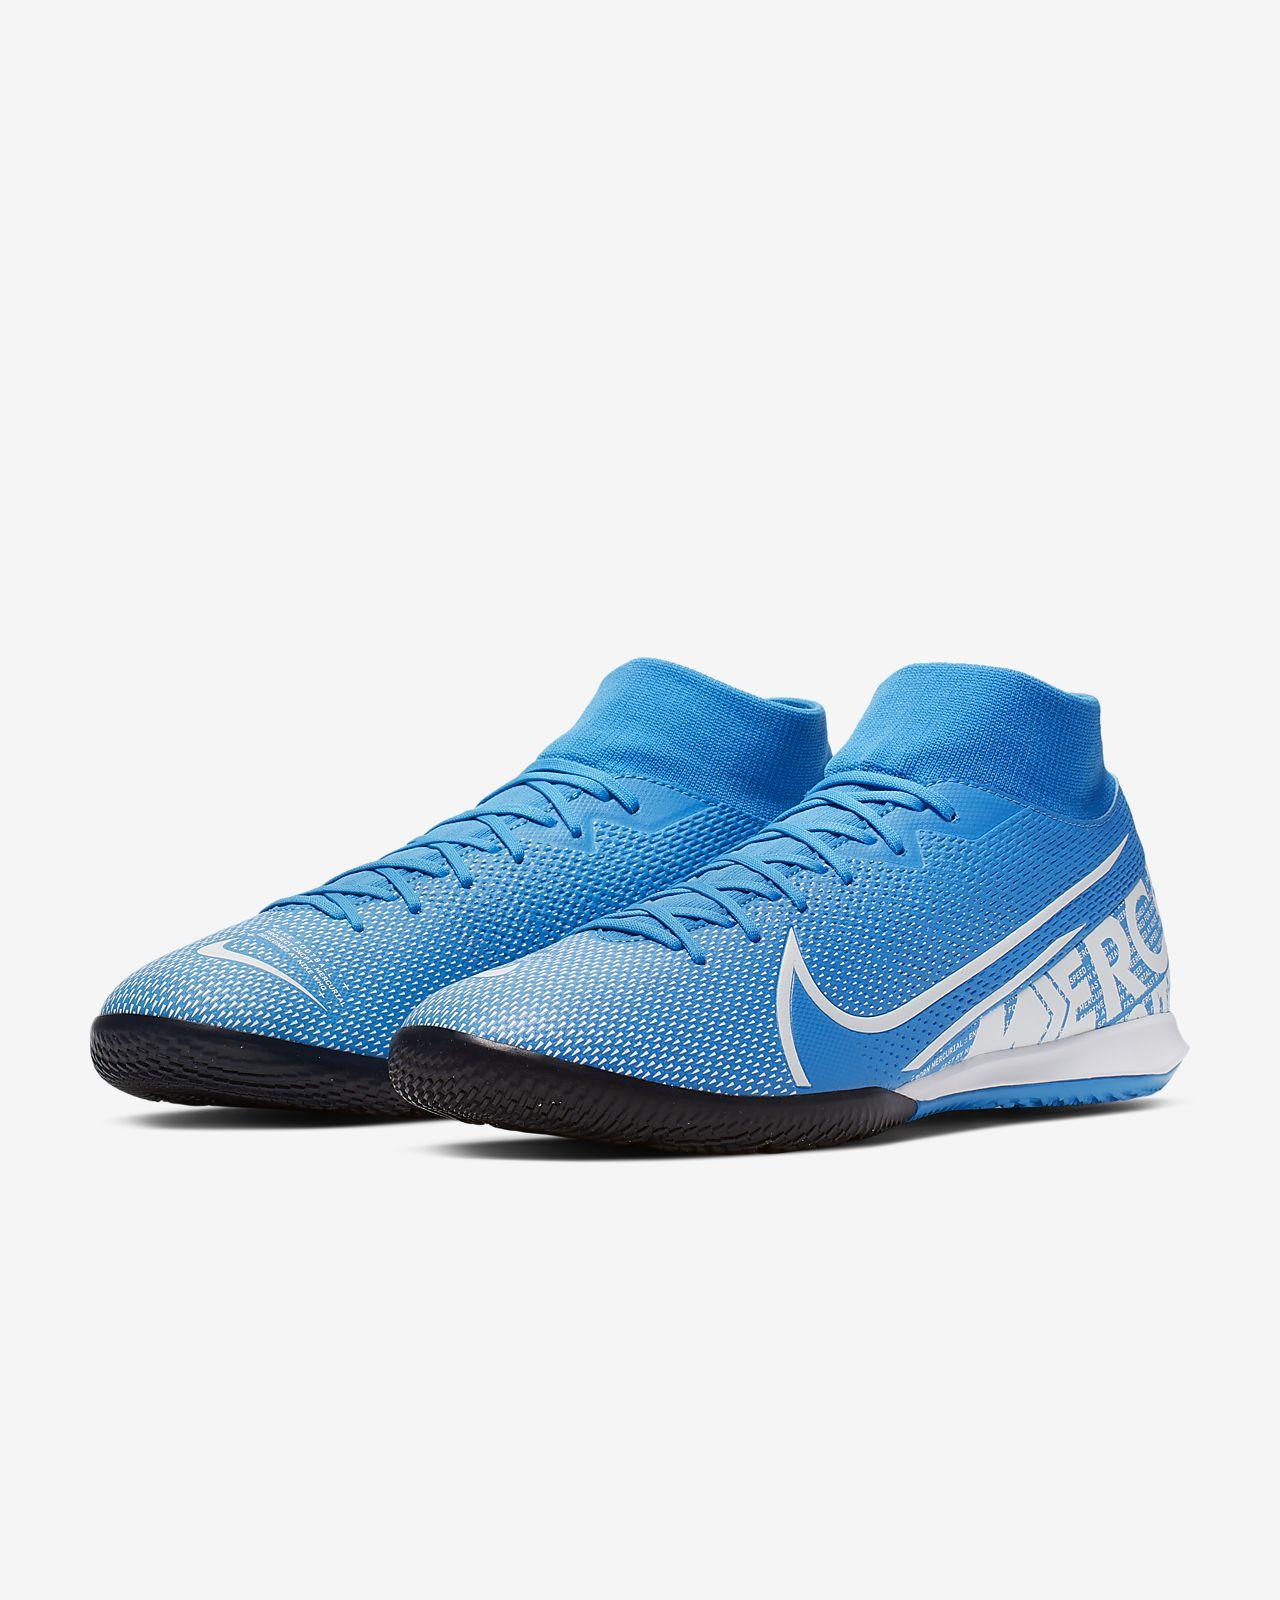 Chaussure Foot Salle Nike Mercurial Le Meilleur Porte Vente De